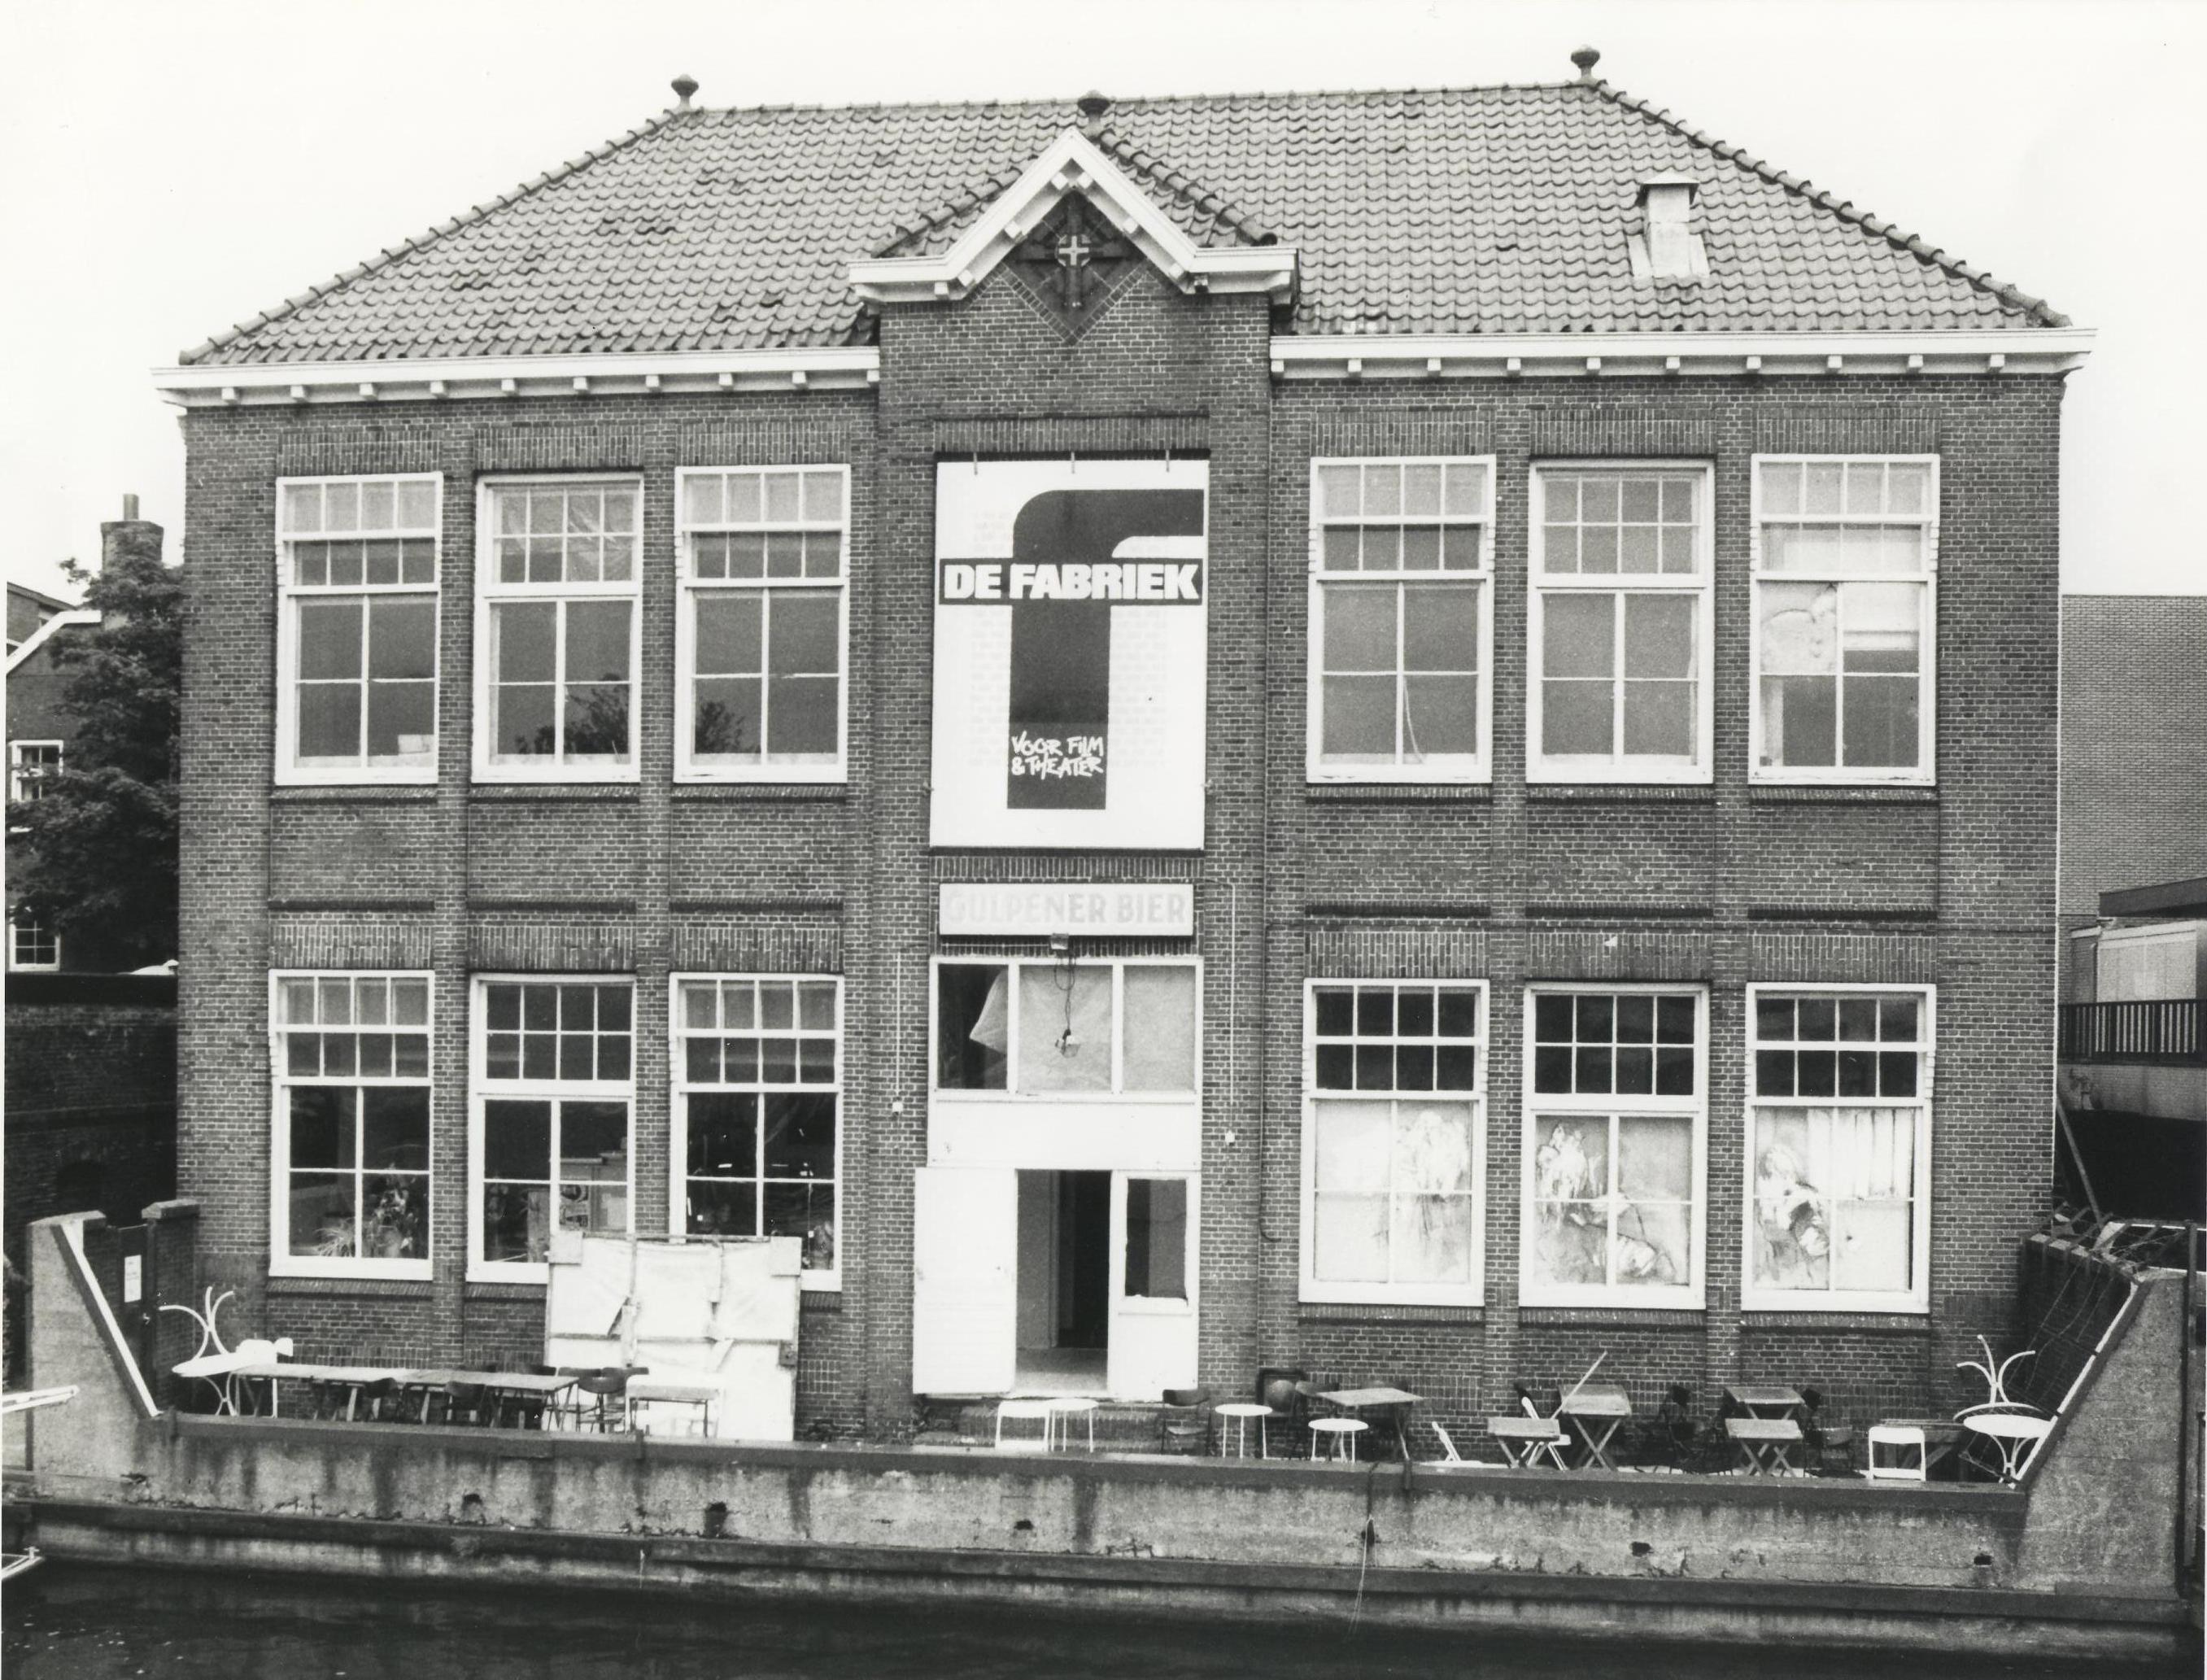 Honderd jaar De Fabriek: een markant gebouw voor katholieke schooljongens, theatermakers en filmfanaten